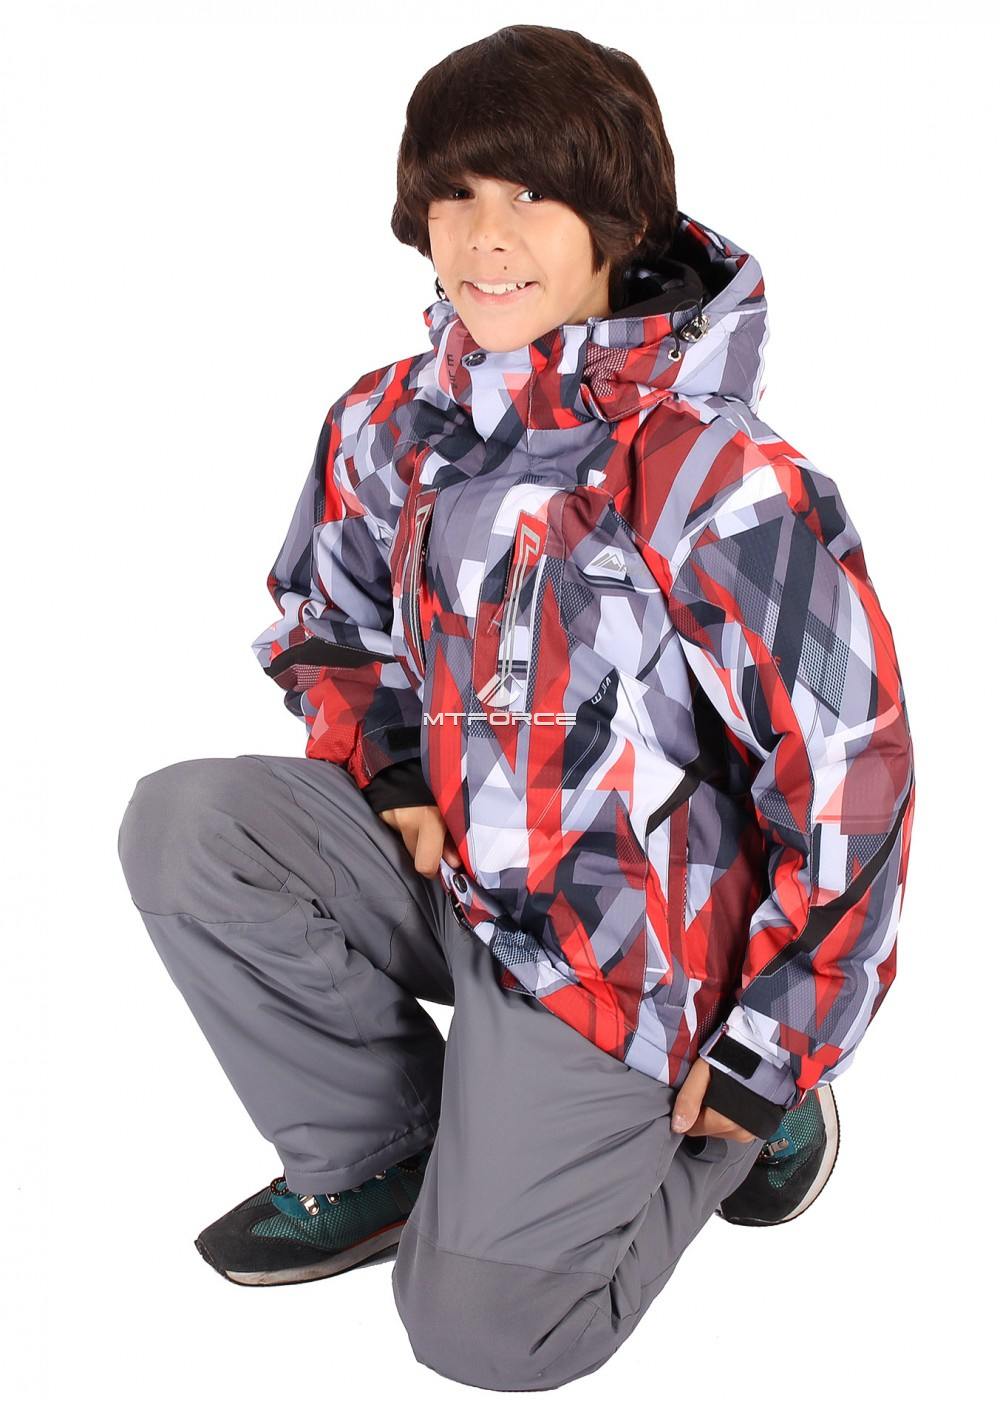 Купить оптом Костюм горнолыжный  для мальчика красного  цвета 424Kr в Волгоградке